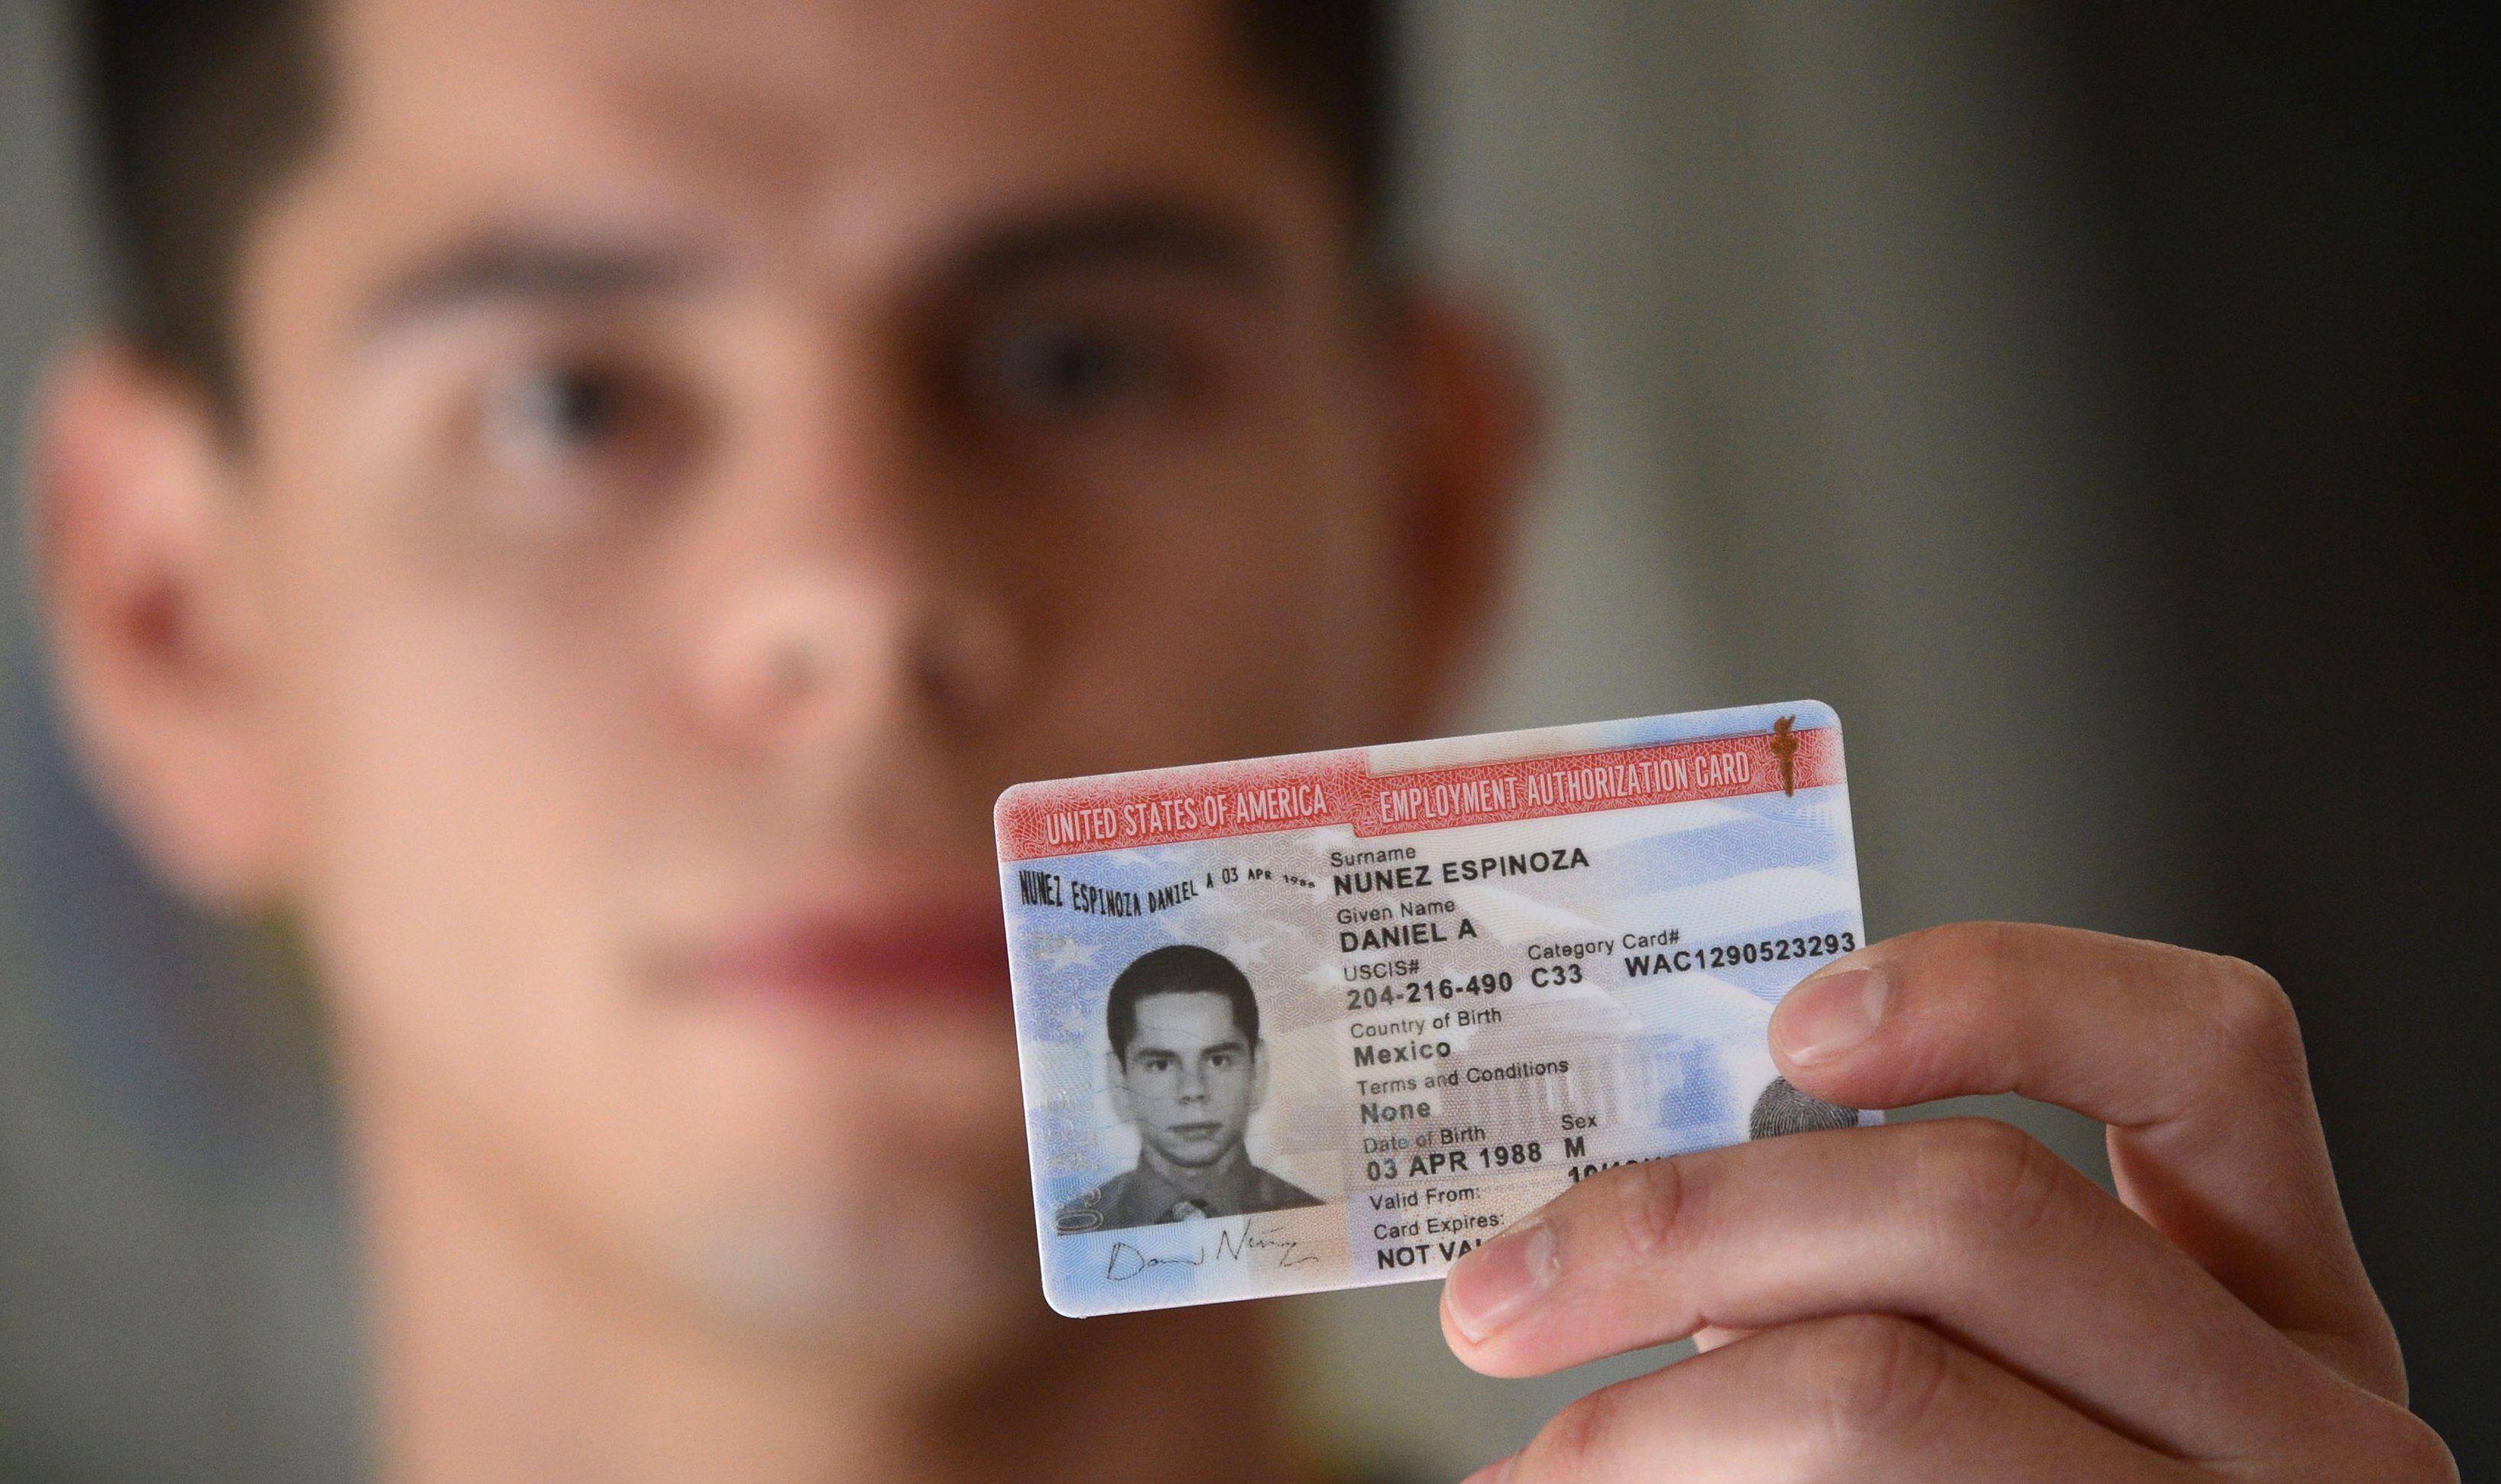 Теперь иммигрантам будет легче убедить работодателей о своем разрешении на работу. Фото: waterloo.k12.ia.us